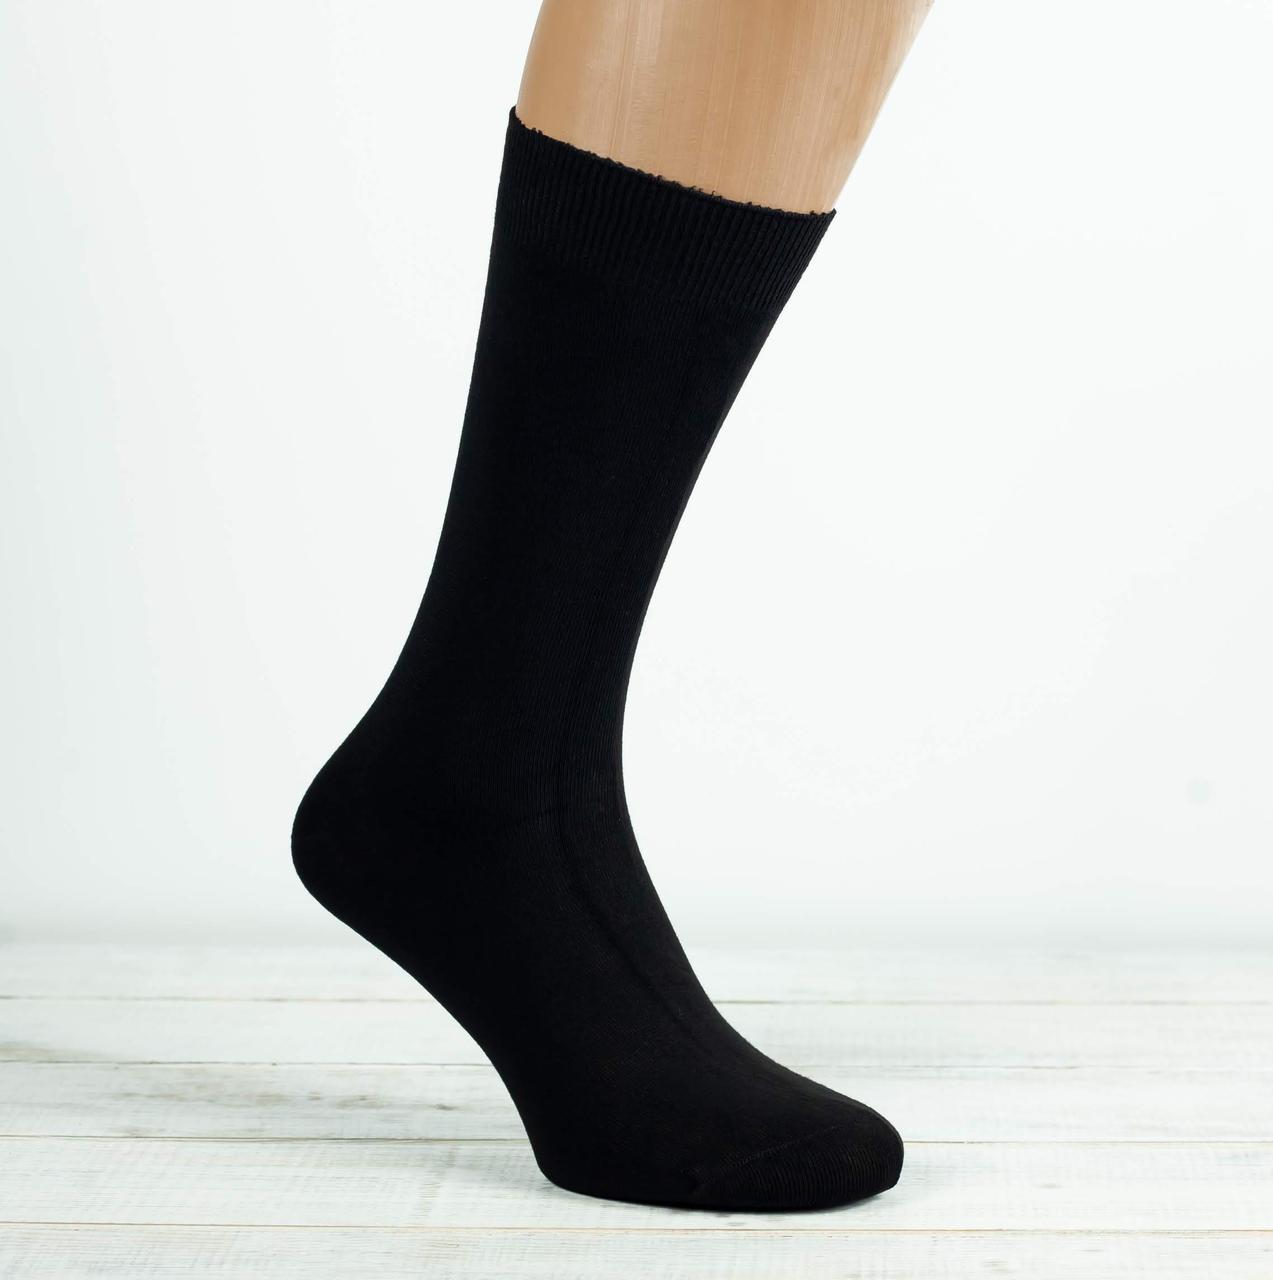 Чоловічі носки шкарпетки стрейчеві Z&N високі бамбук антибактеріальний продукт 39-41 41-44 12 шт в уп